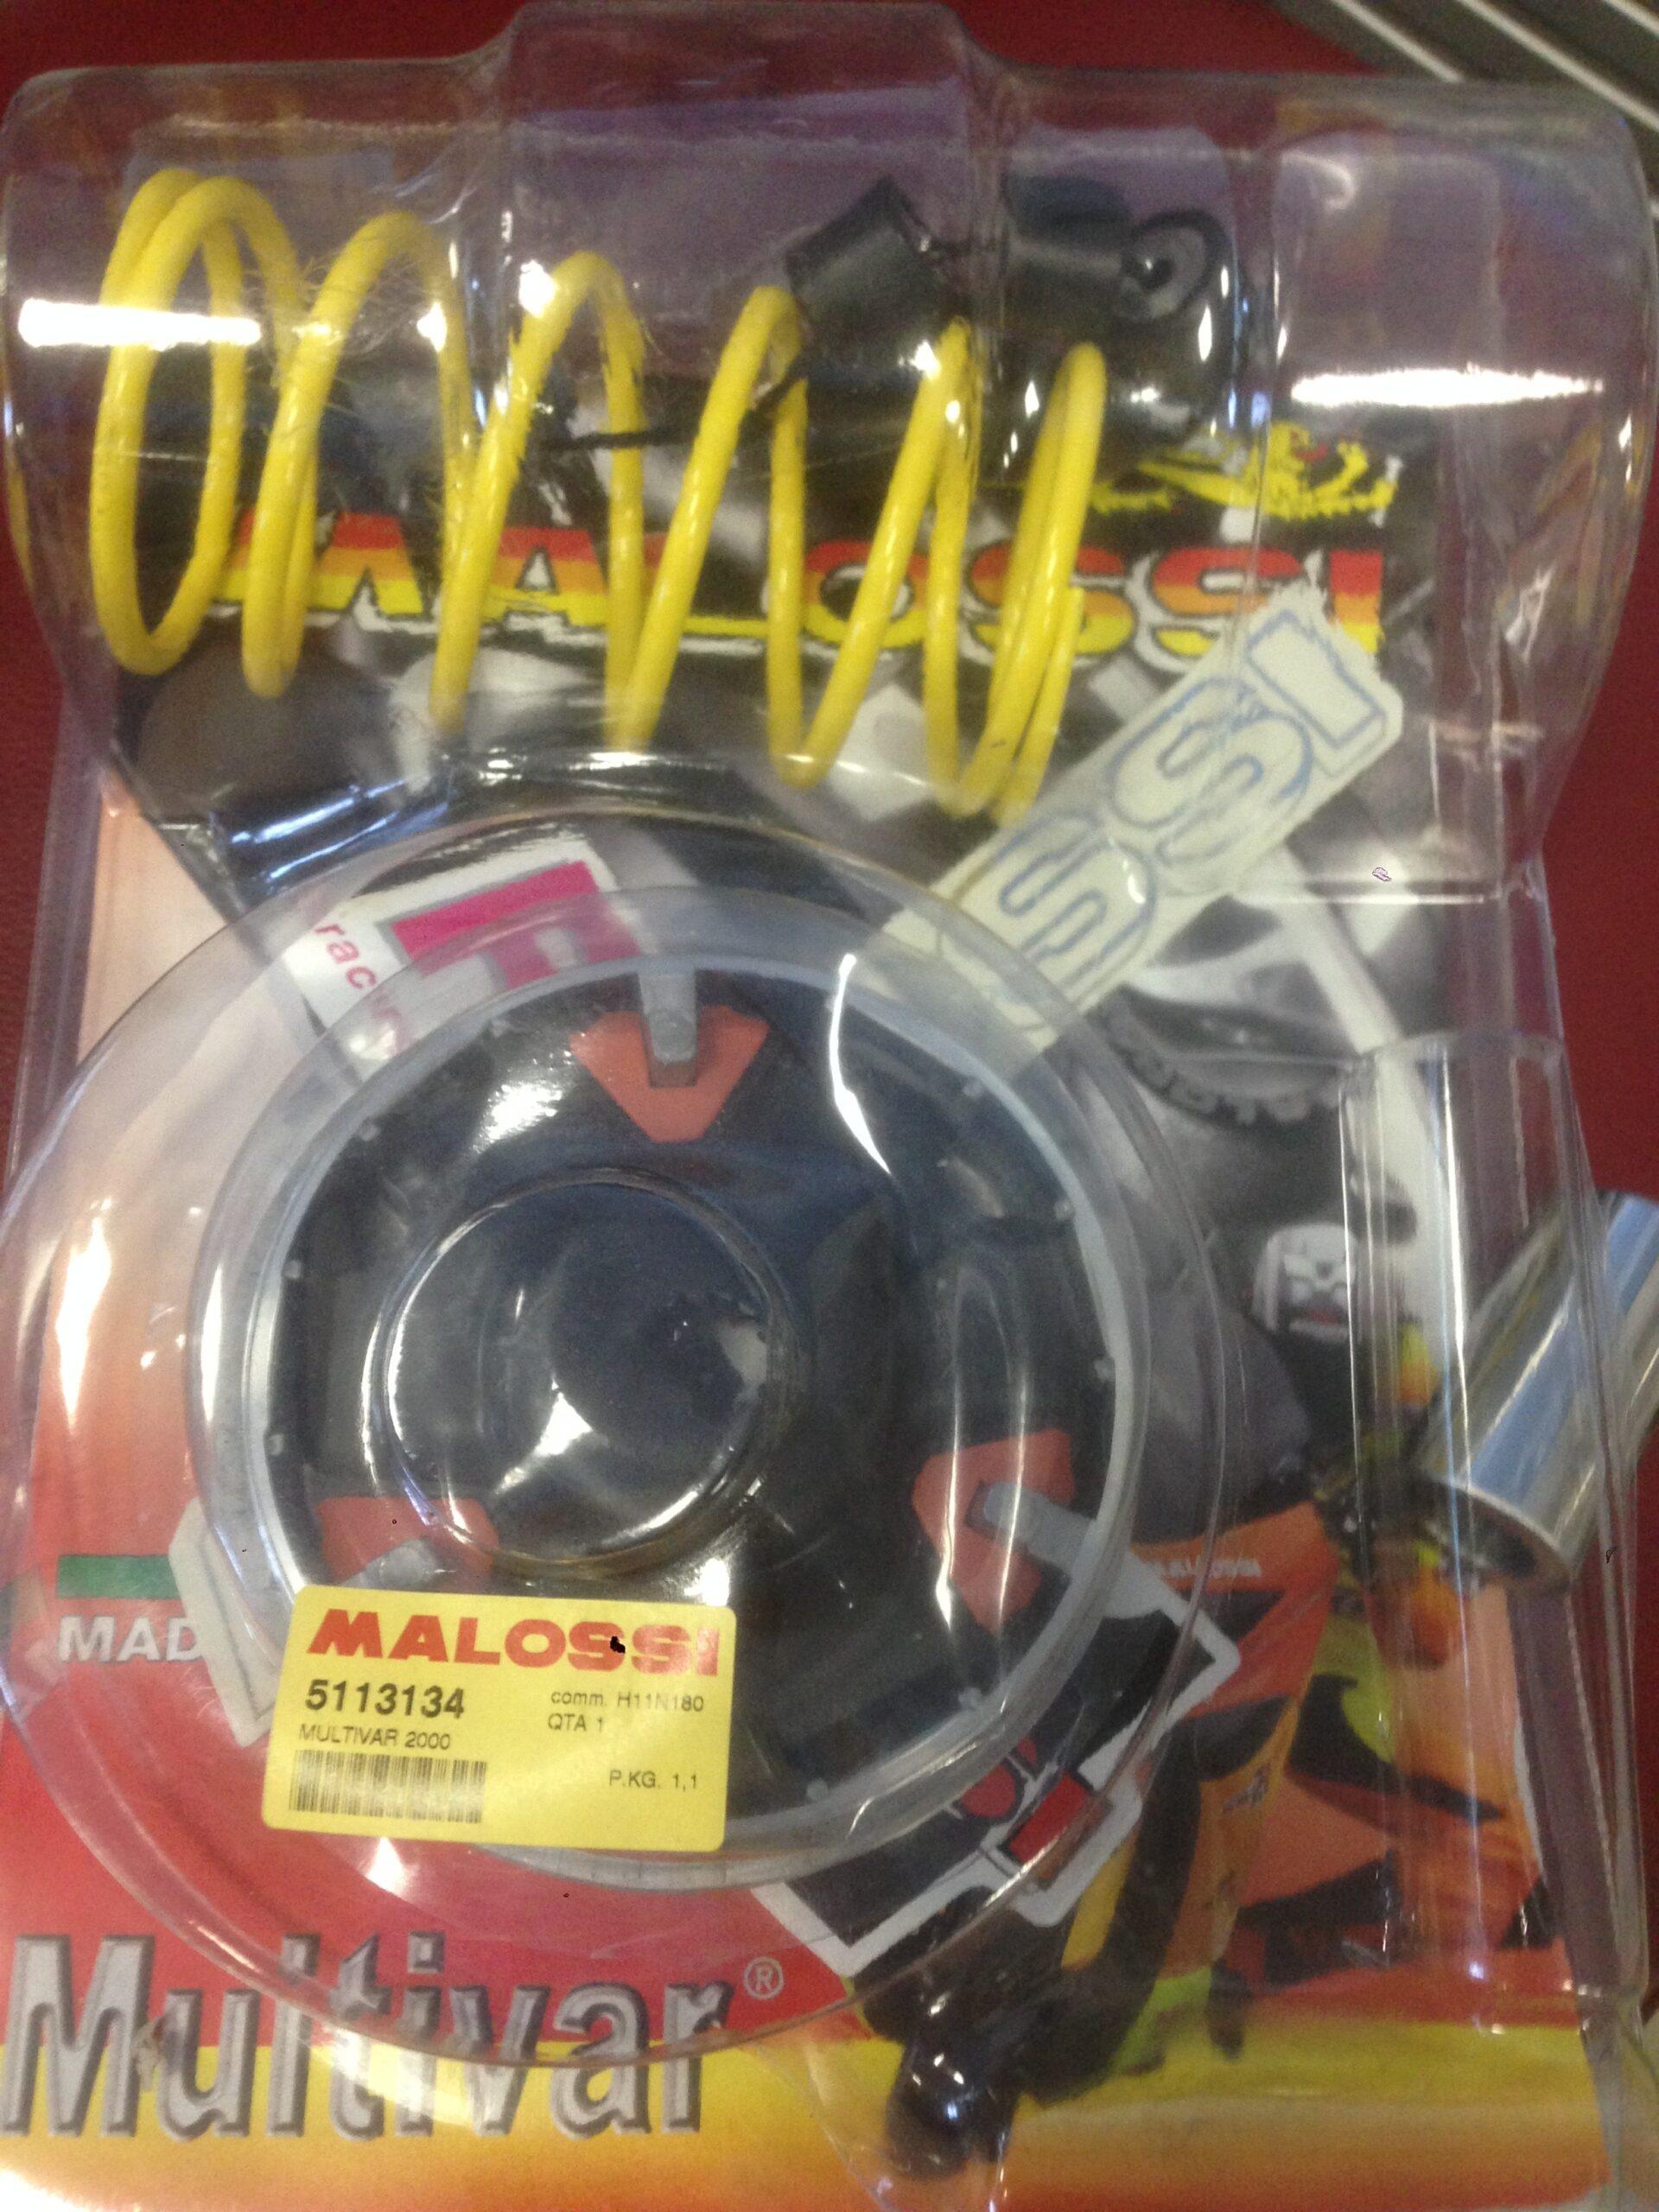 Variatore Multivar 2000 Malossi